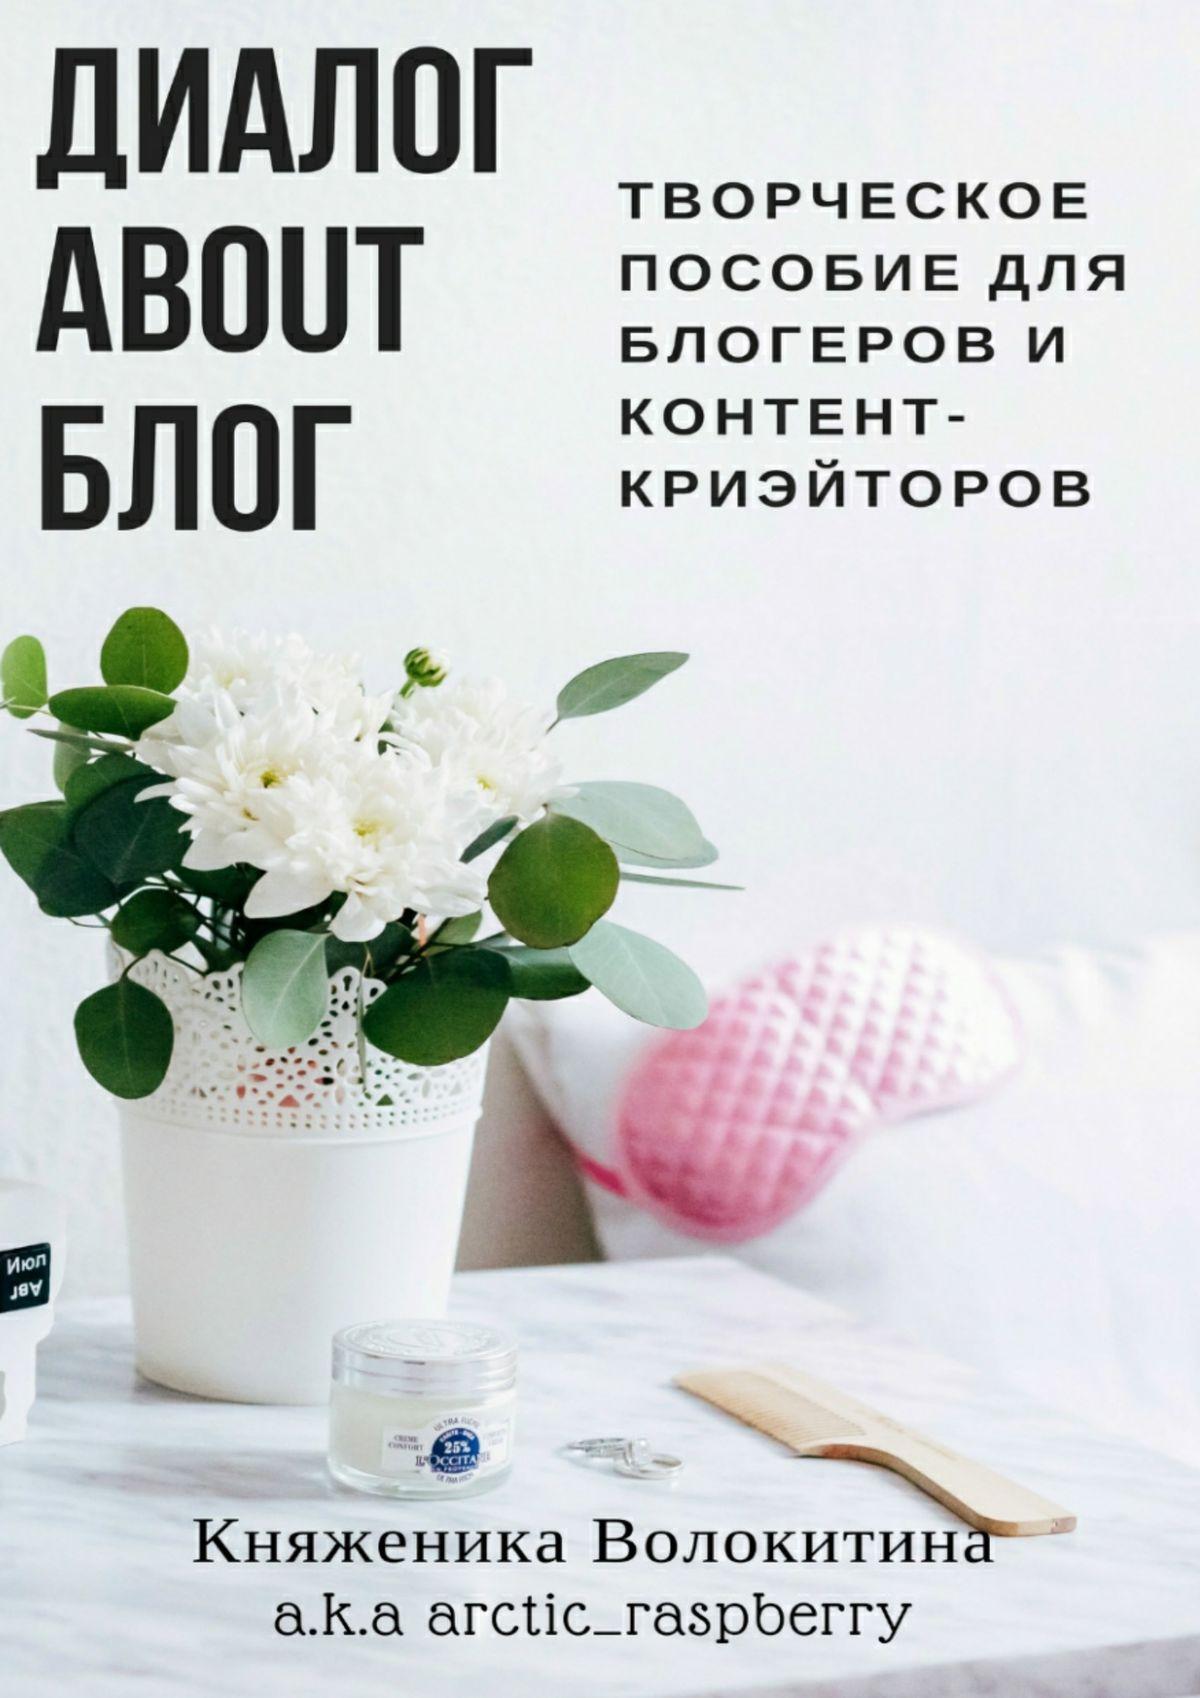 Княженика Волокитина Диалог aboutблог. Творческое пособие для блогеров иконтент-криейторов